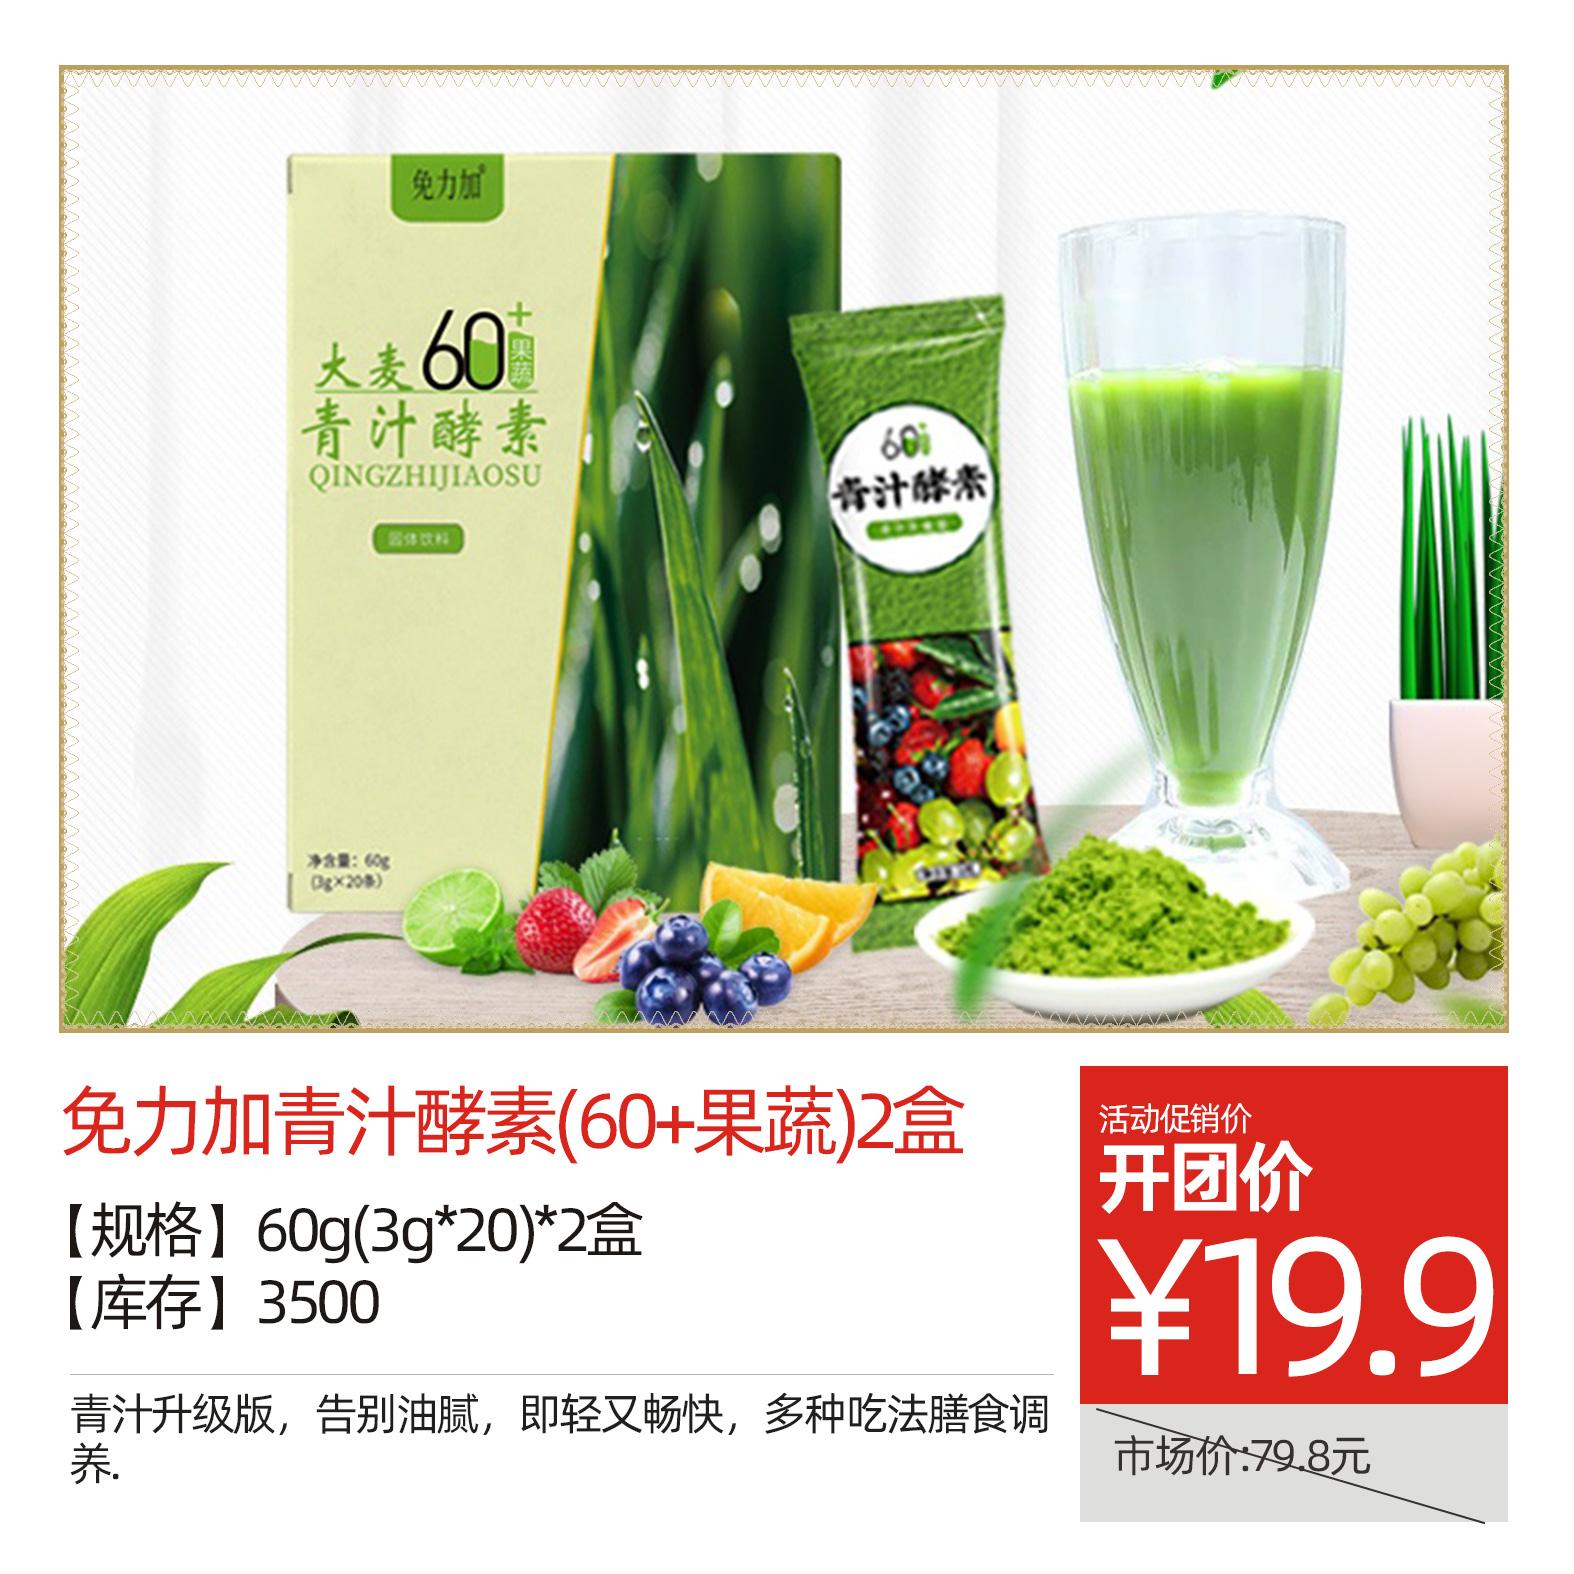 免力加青汁酵素(60+果蔬)2盒